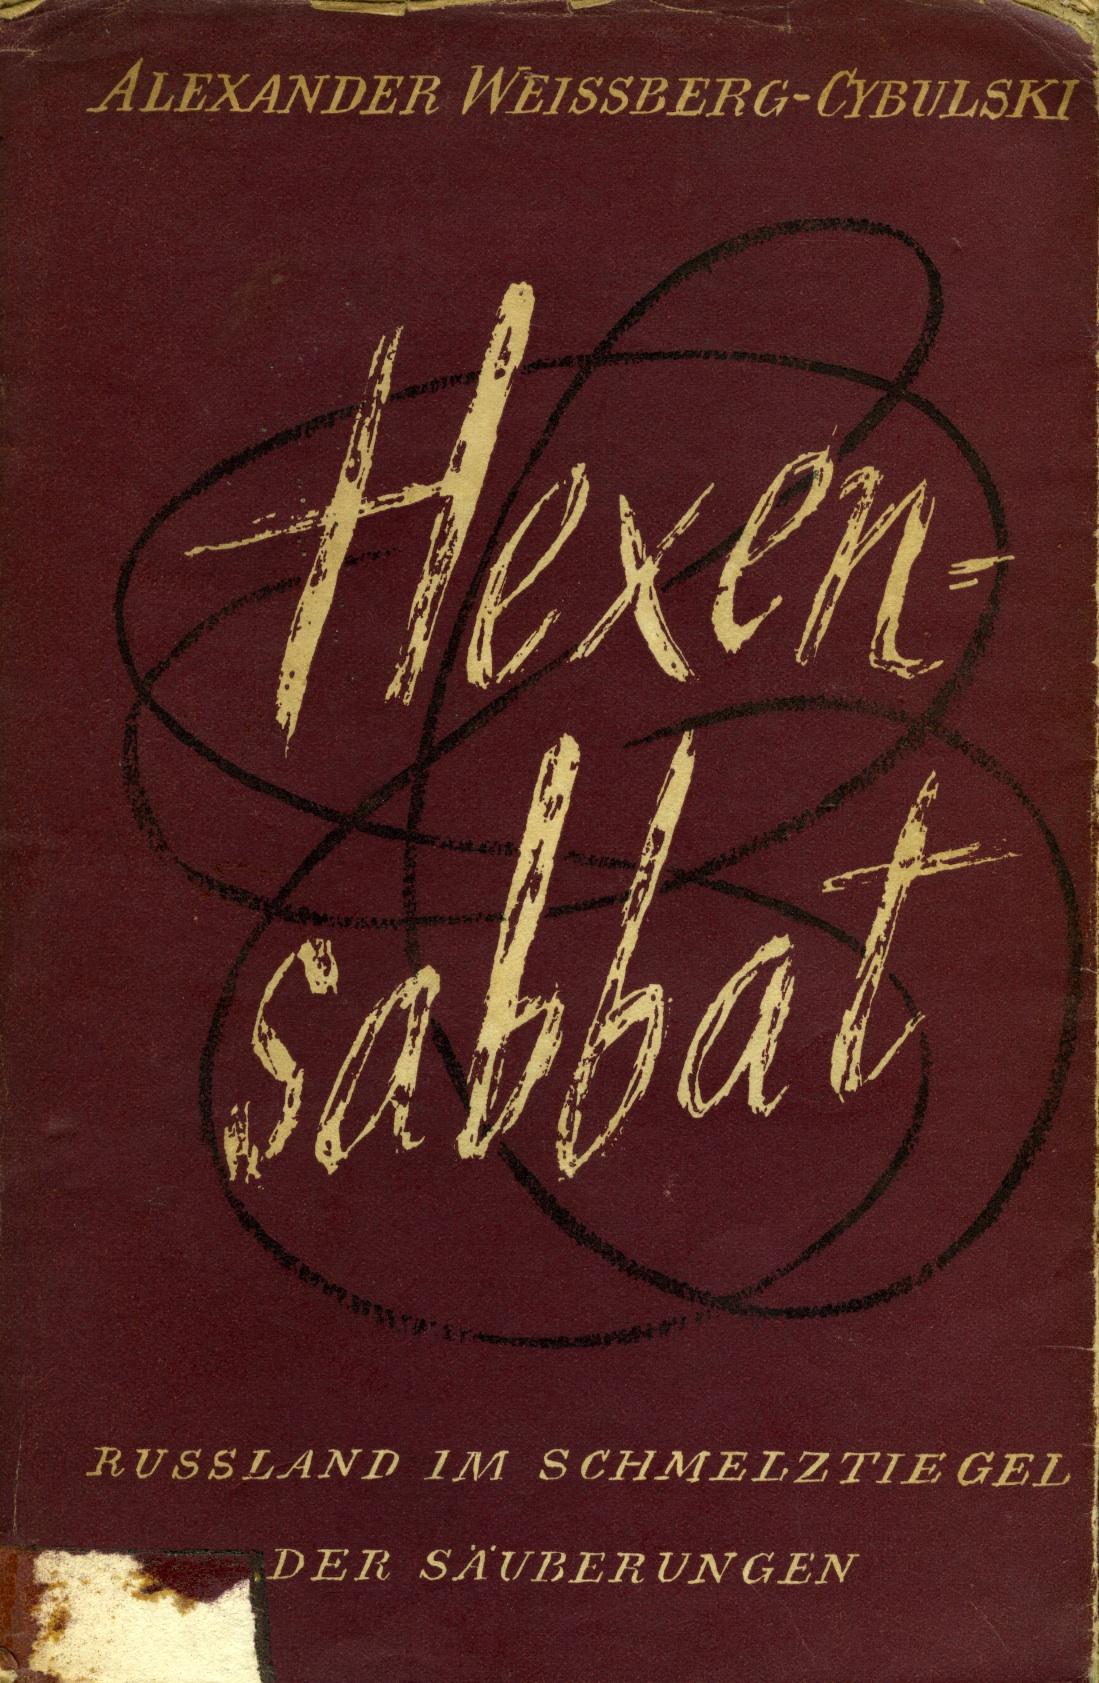 <div class='inner-box'><div class='close-desc'></div><span class='opis'>&quot;Hexen - Sabbat&quot; - pierwsze niemieckie wydanie sowieckich wspomnień Aleksandra Weissberga-Cybulskiego (w wersji polskiej książka wyszła pod tytułem &quot;Wielka czystka&quot;.)</span><div class='clearfix'></div><span>Sygn. sm00198</span><div class='clearfix'></div><span>&copy; Instytut Literacki</span></div>